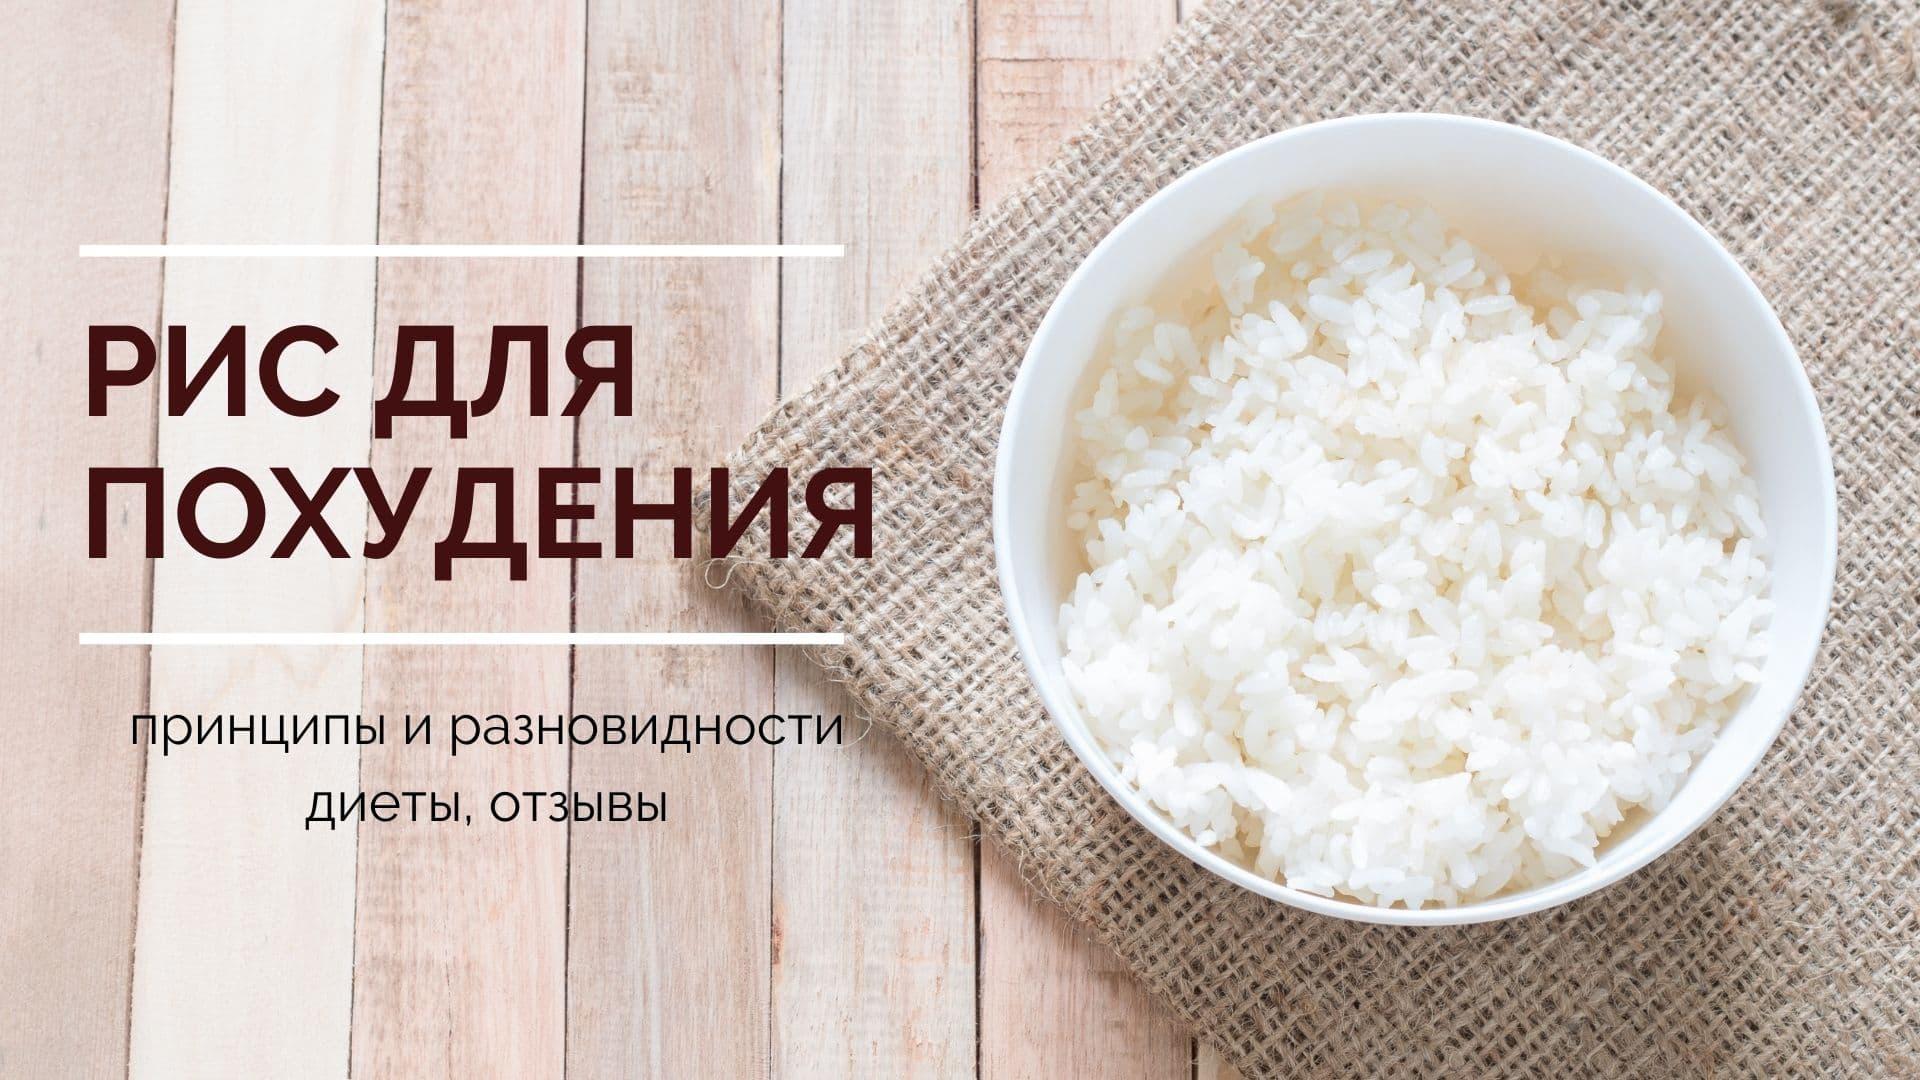 Рис для похудения: принципы и разновидности диеты, отзывы